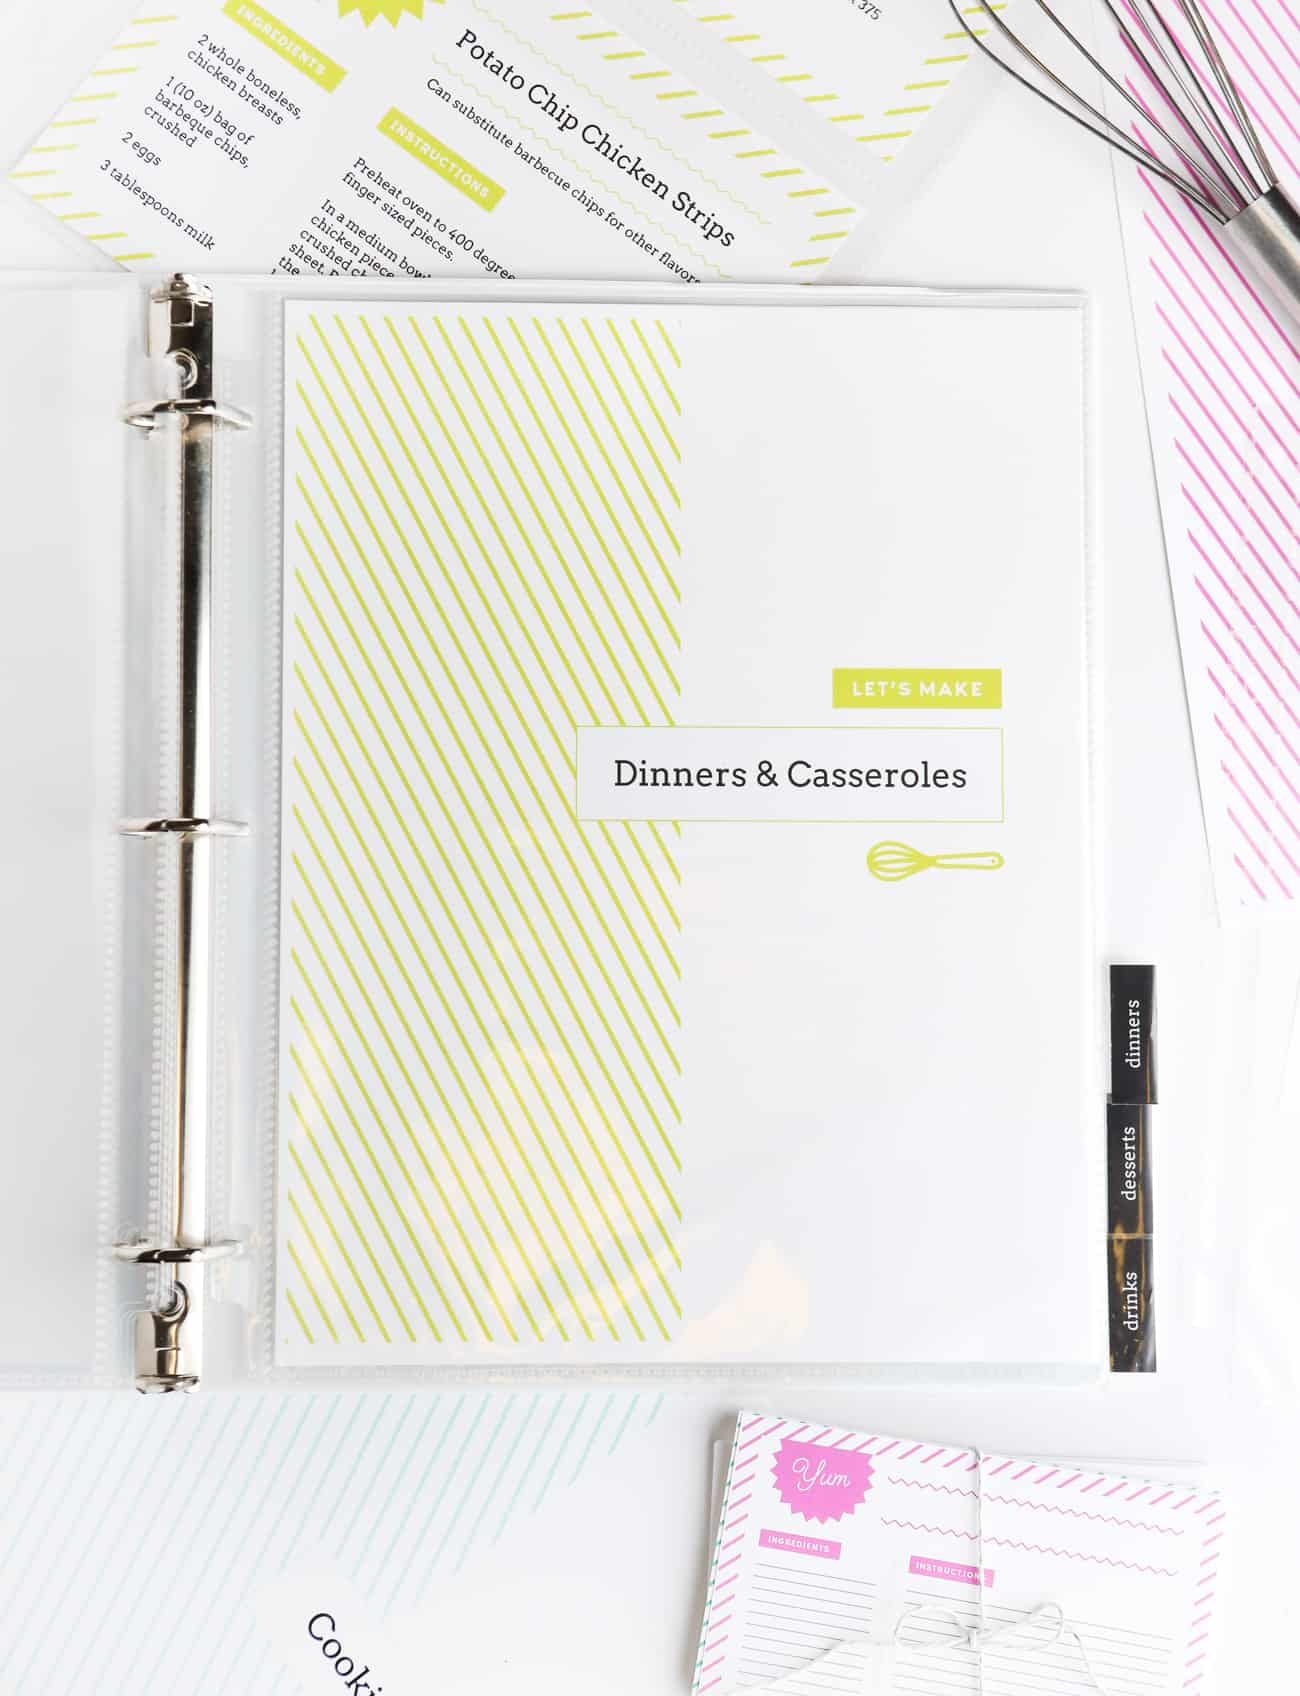 photo regarding Free Printable Recipe Binder Kit named do-it-yourself recipe binder printables